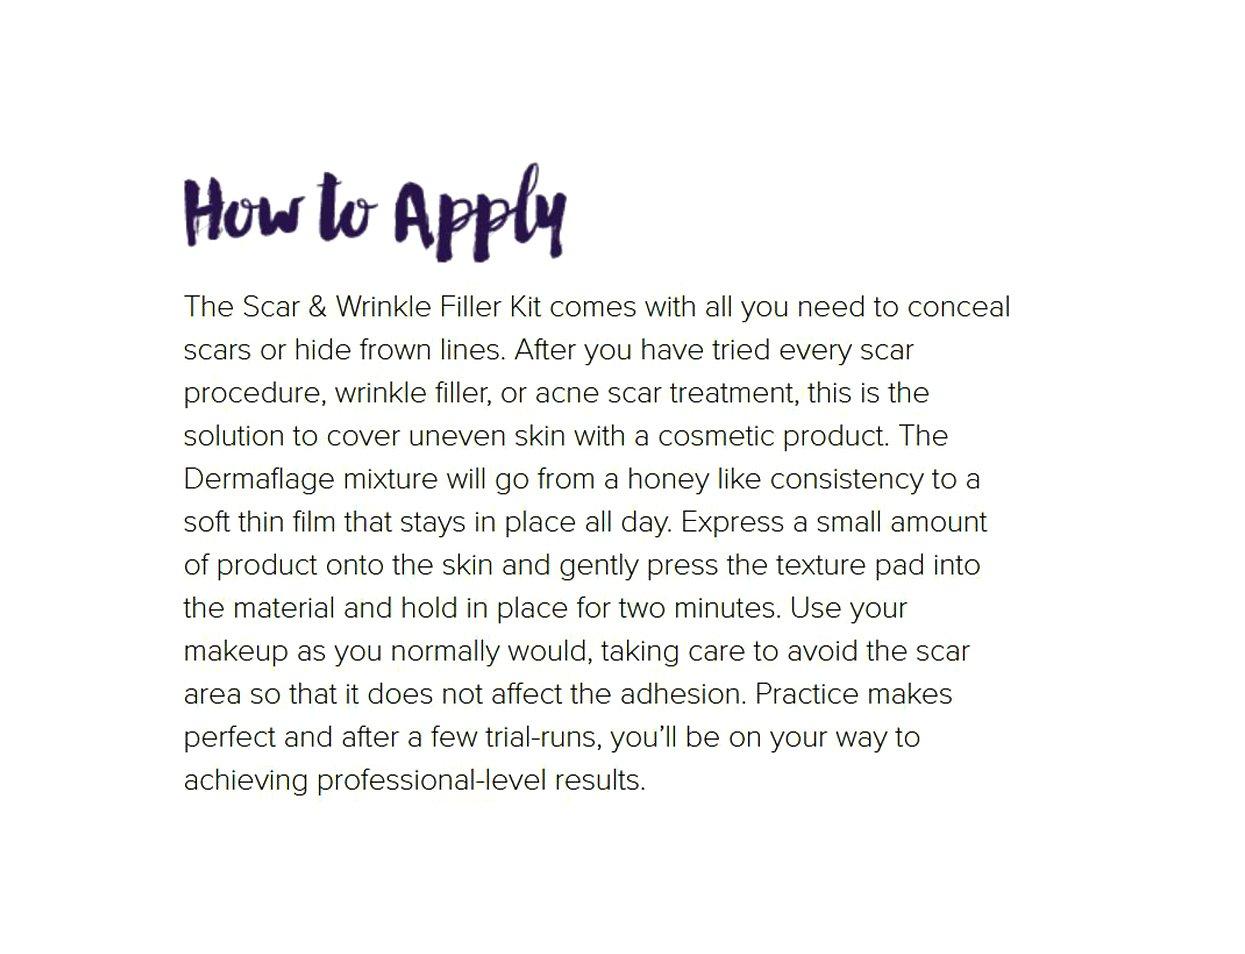 Dermaflage scar concealer from Hollywood, acne scar filler, scar cover up makeup, 1 month supply